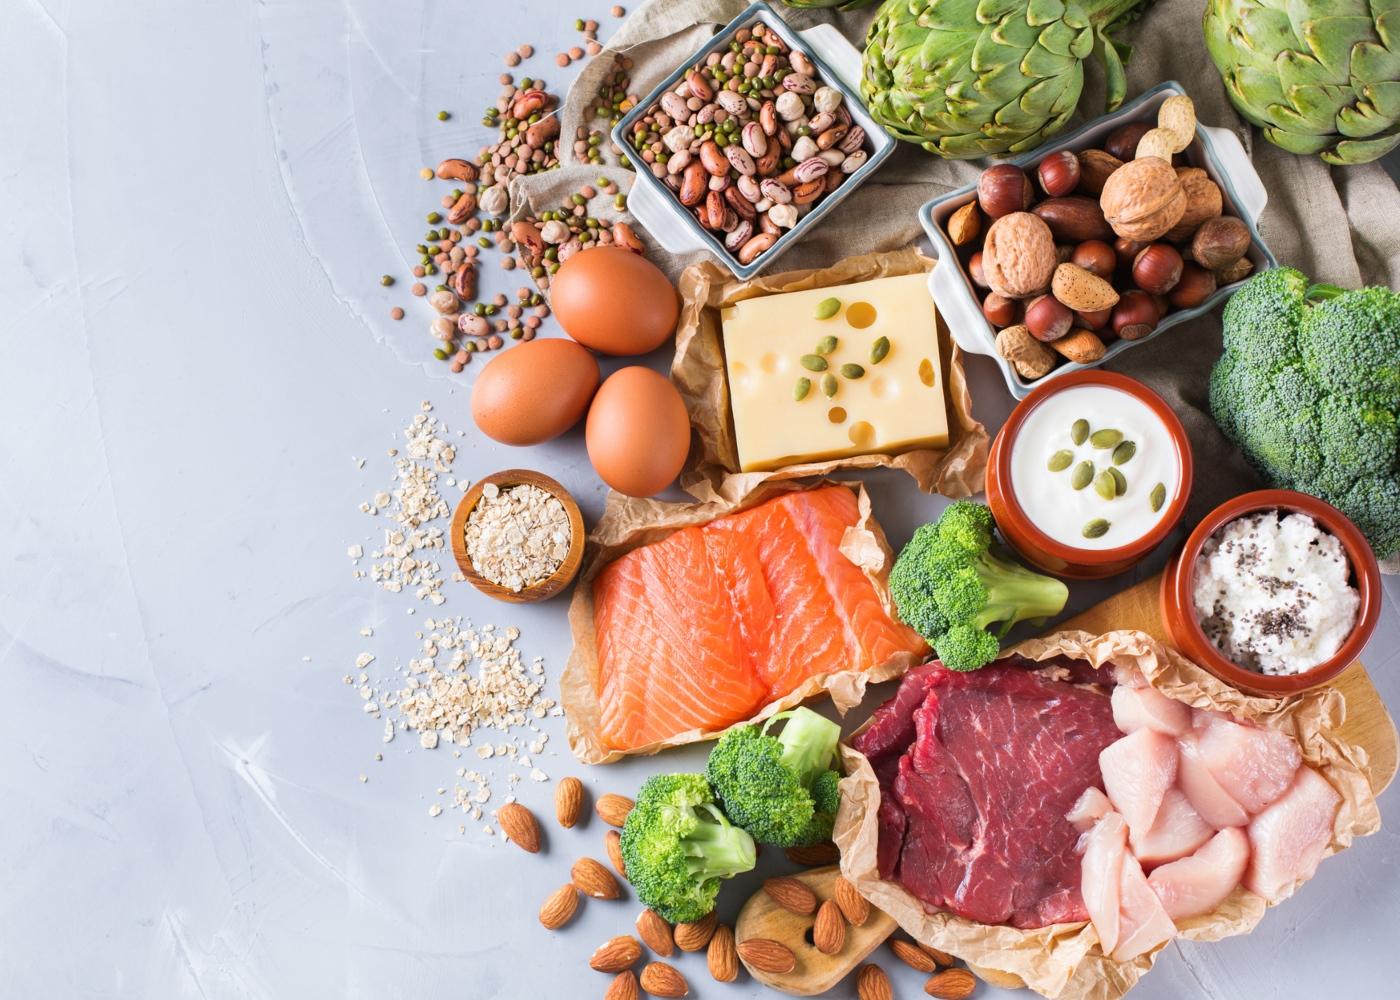 Dieta rica em proteína: variedade de alimentos ricos em proteína